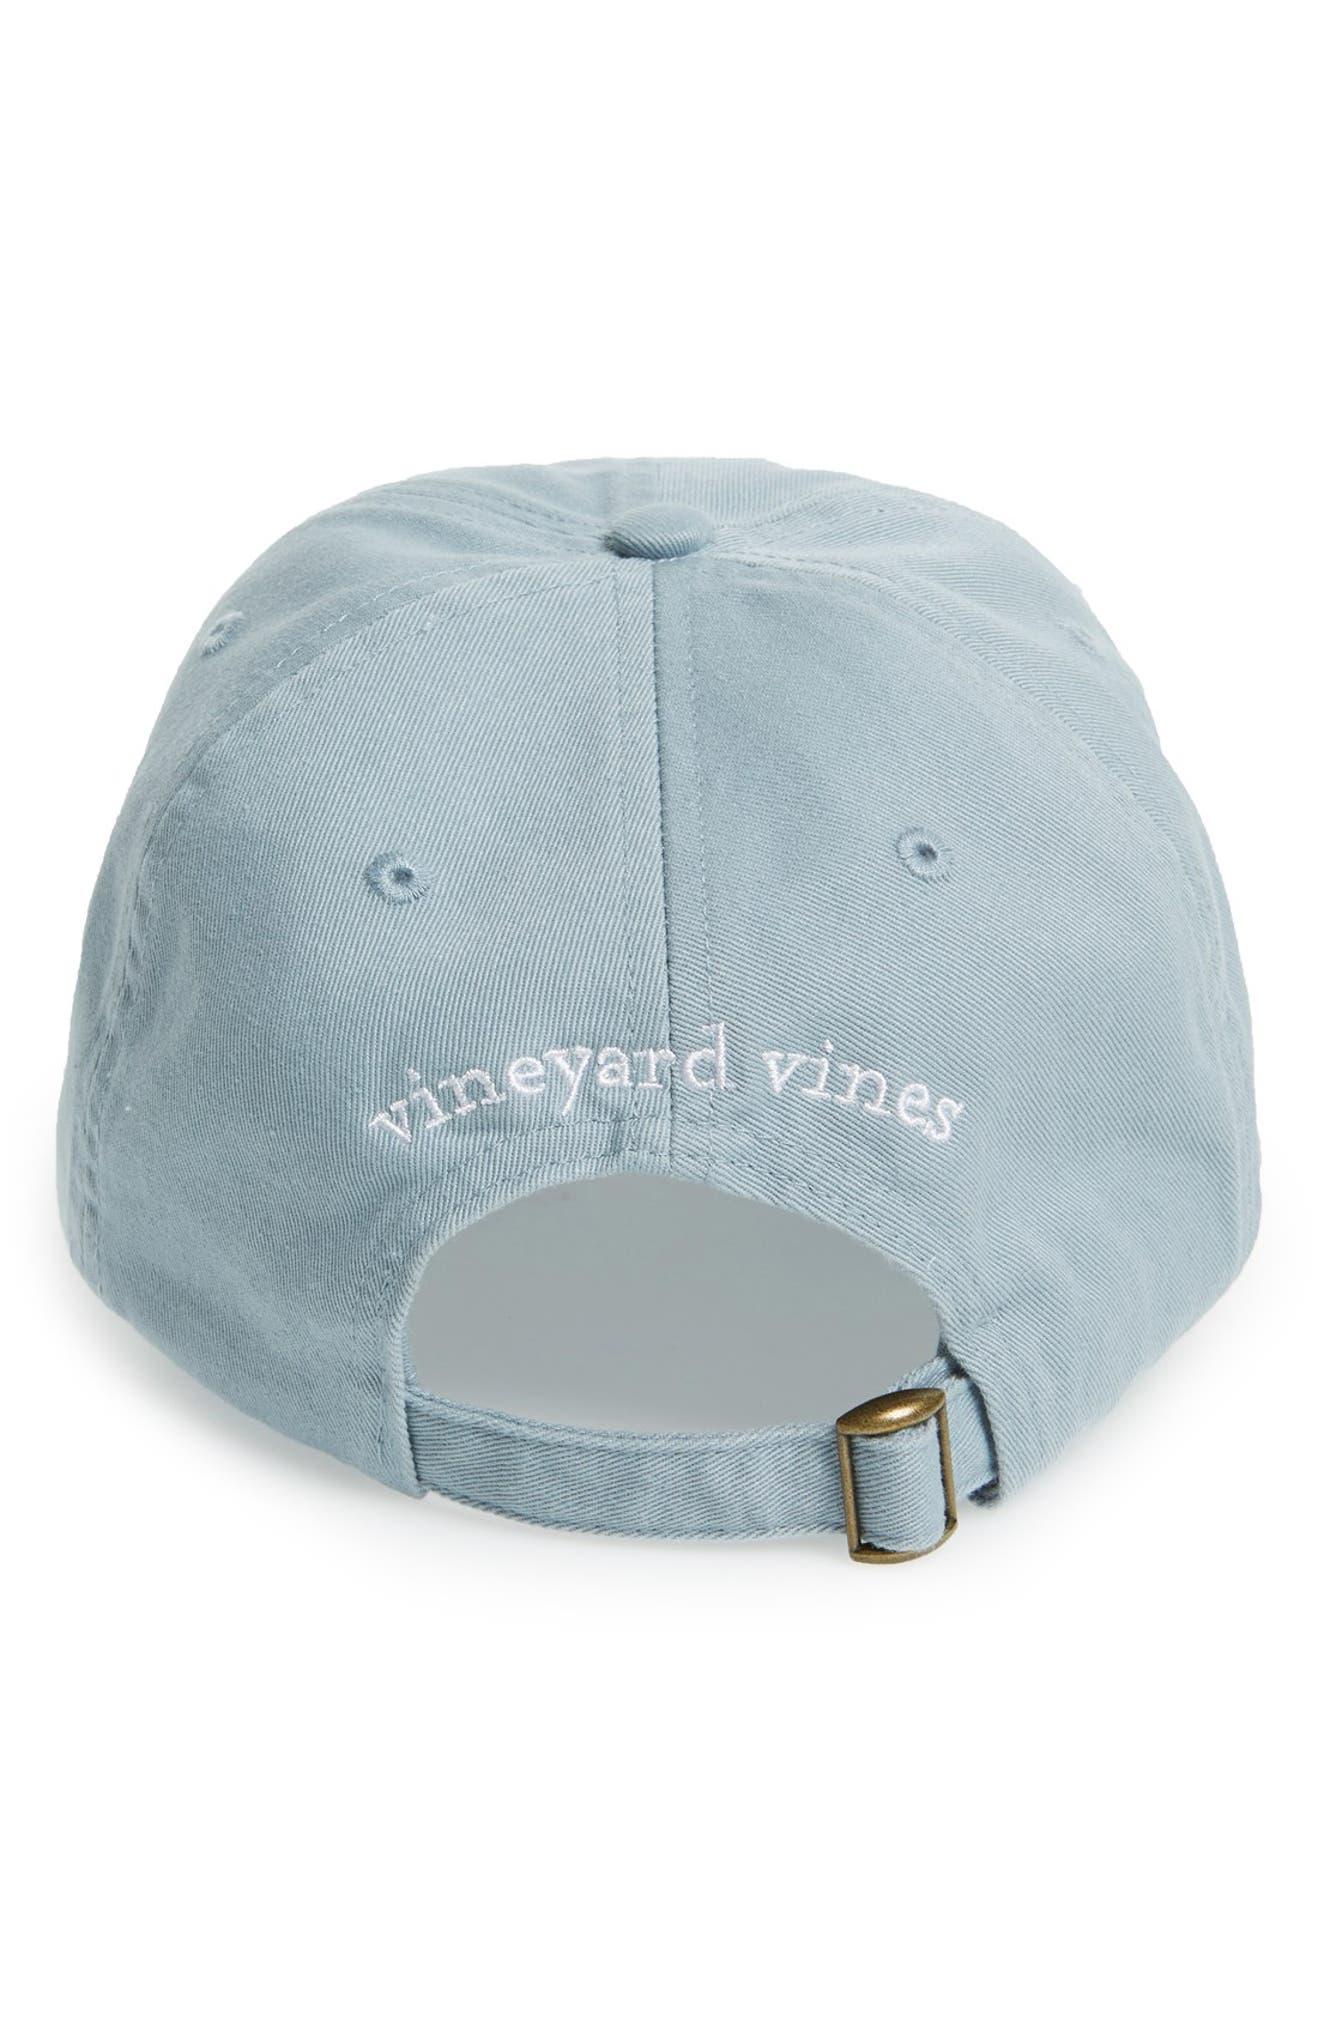 vineyard vines Whale Logo Cap  5d2c787c4d4